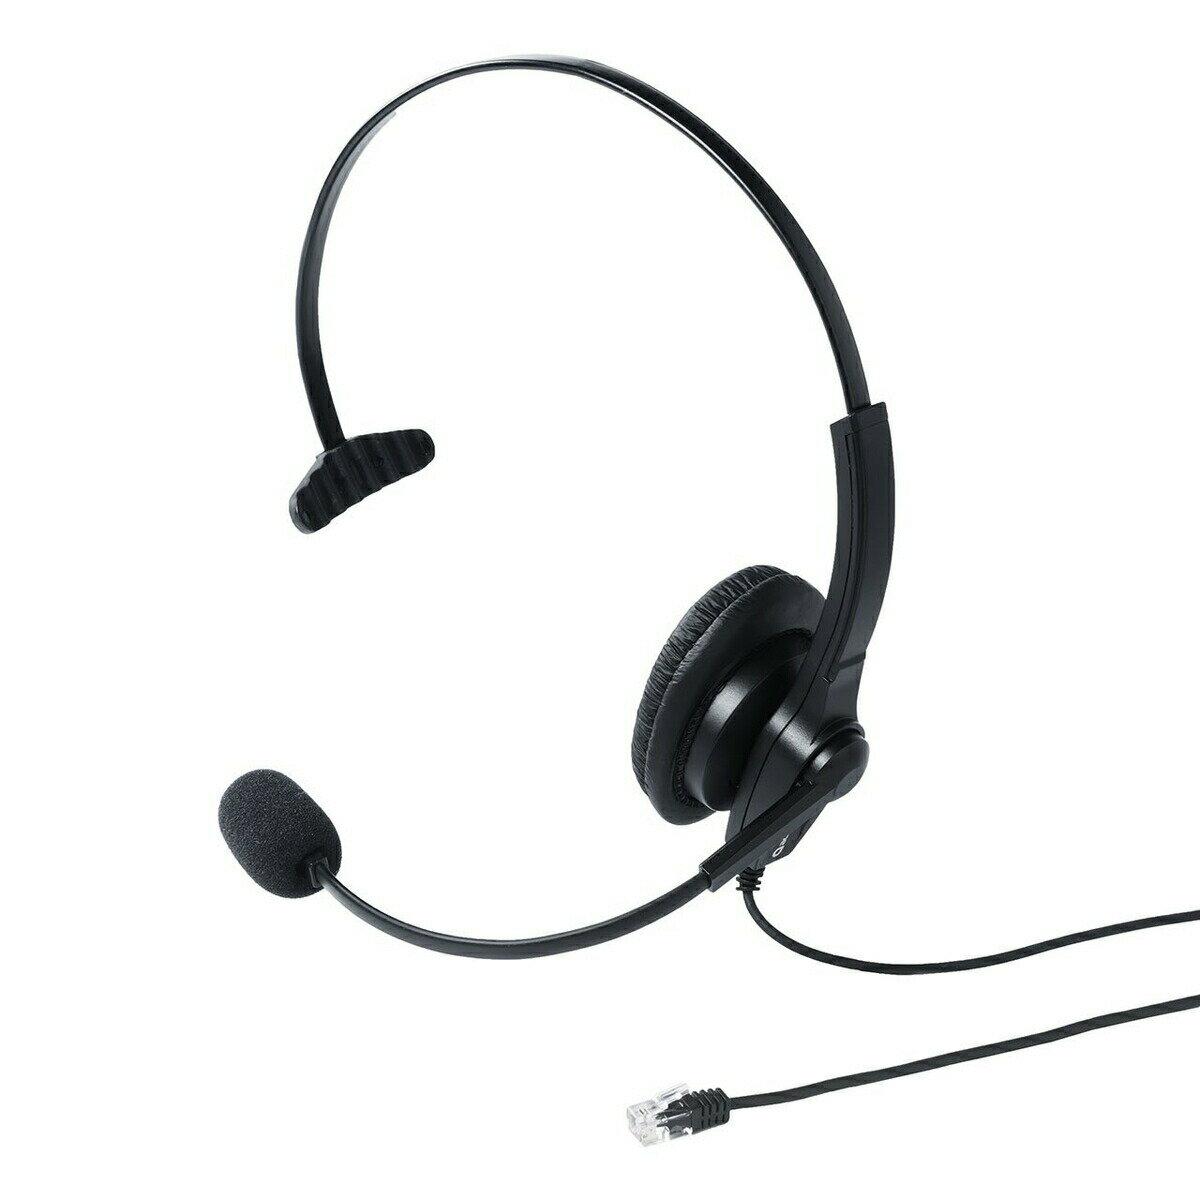 電話機用ヘッドセット(RJ-9接続・結線8チャンネル切替対応・片耳タイプ)[400-HS043]【サンワダイレクト限定品】【送料無料】